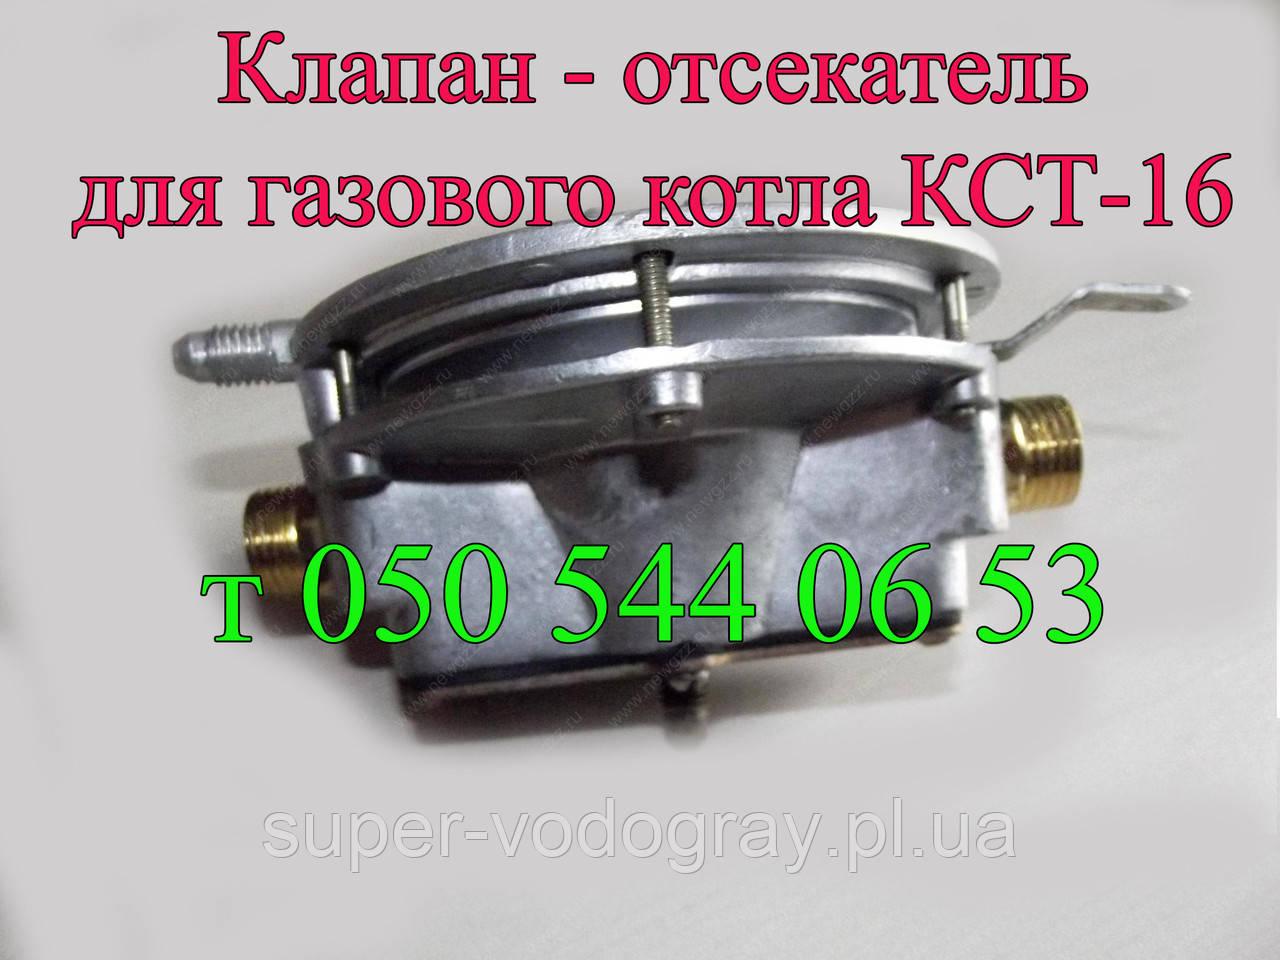 Клапан-отсекатель для газового котла КС, КСТ, КЧМ